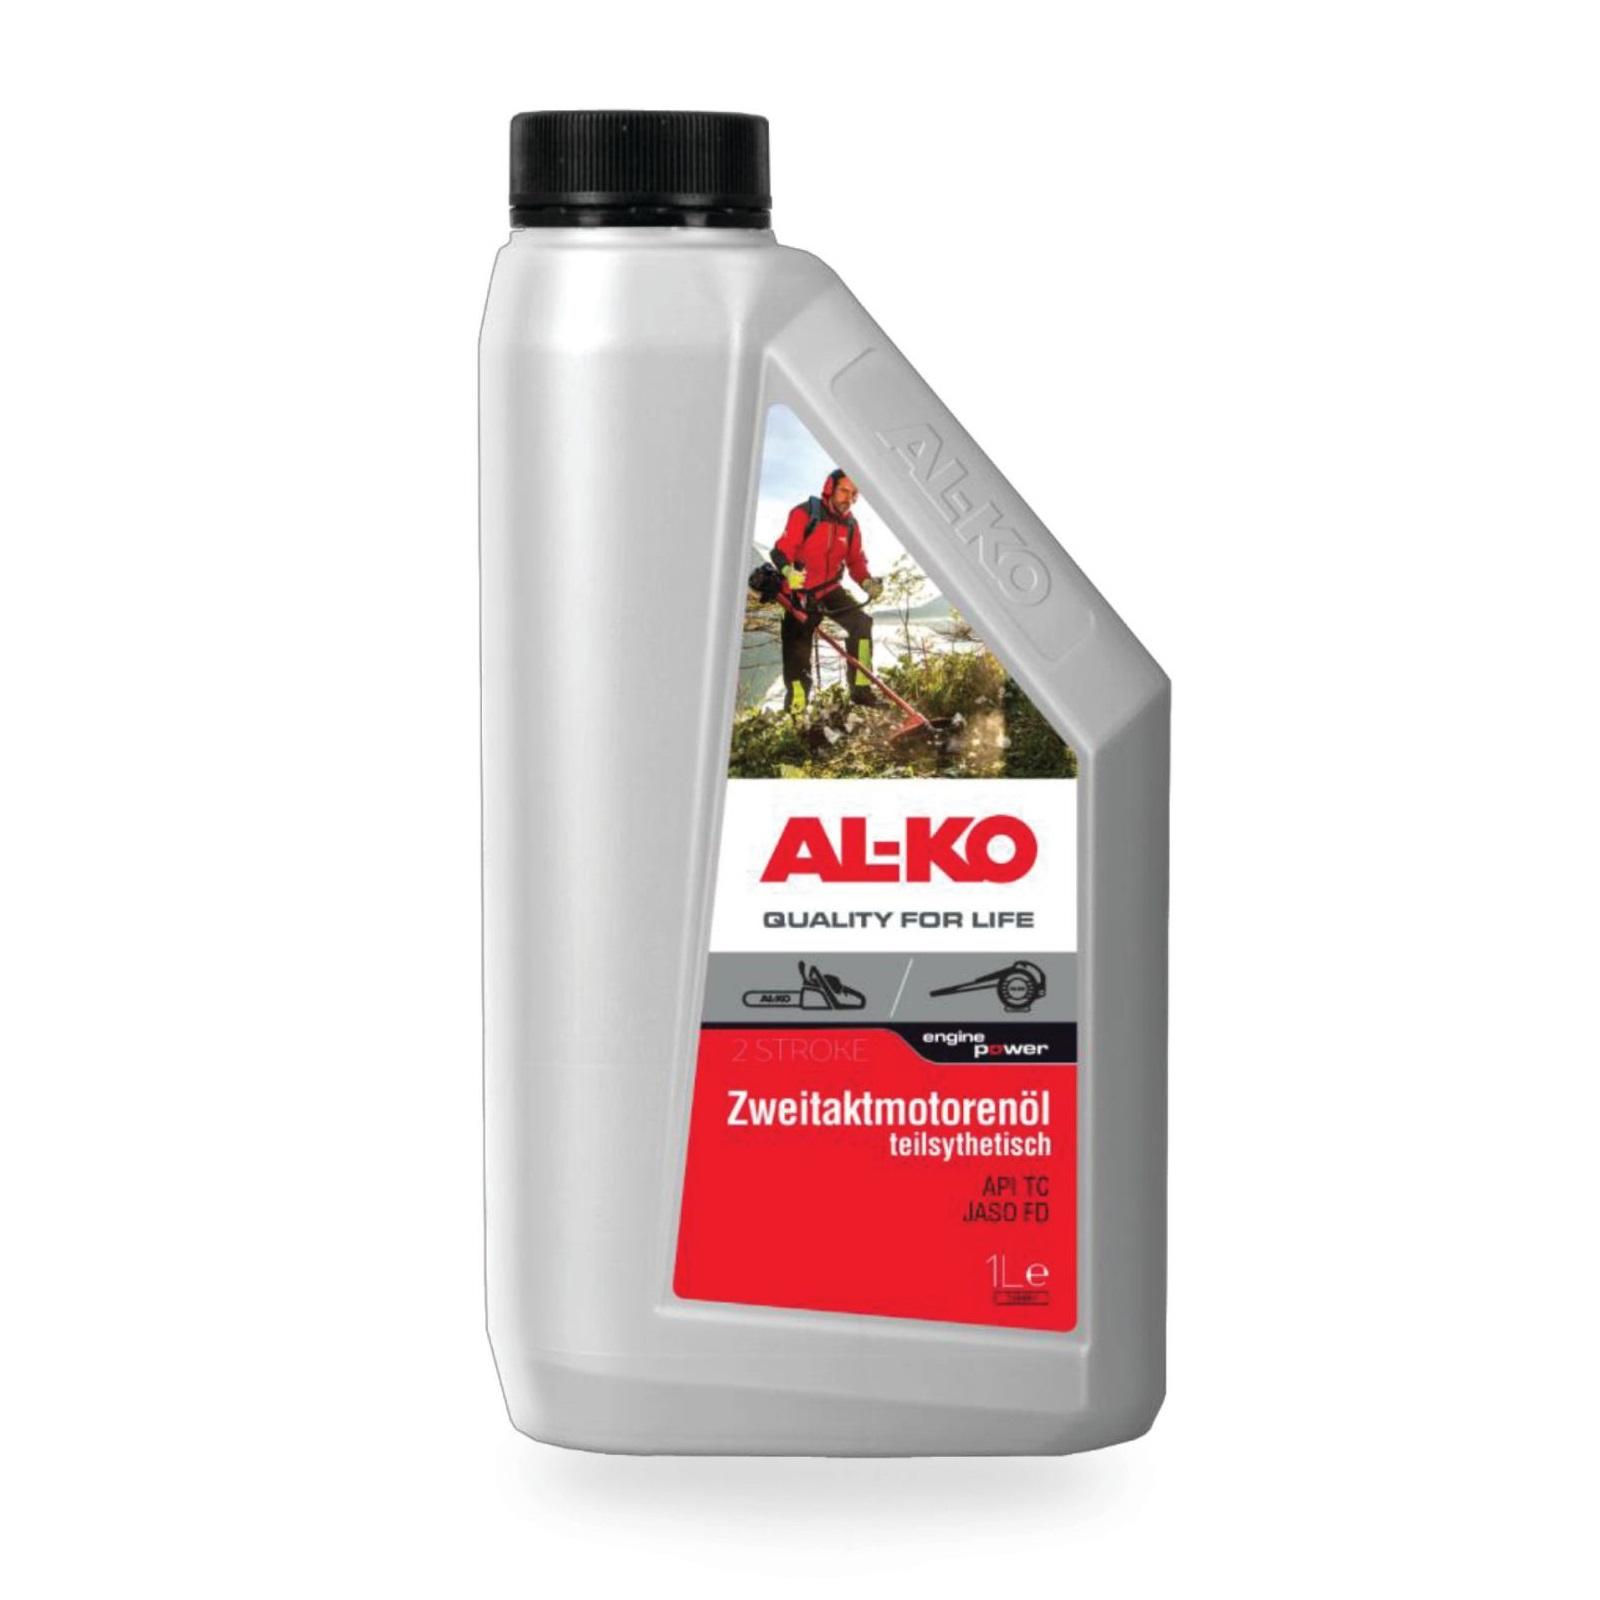 Масло Al-ko для 2-тактных двигателей 1л полусинтетика